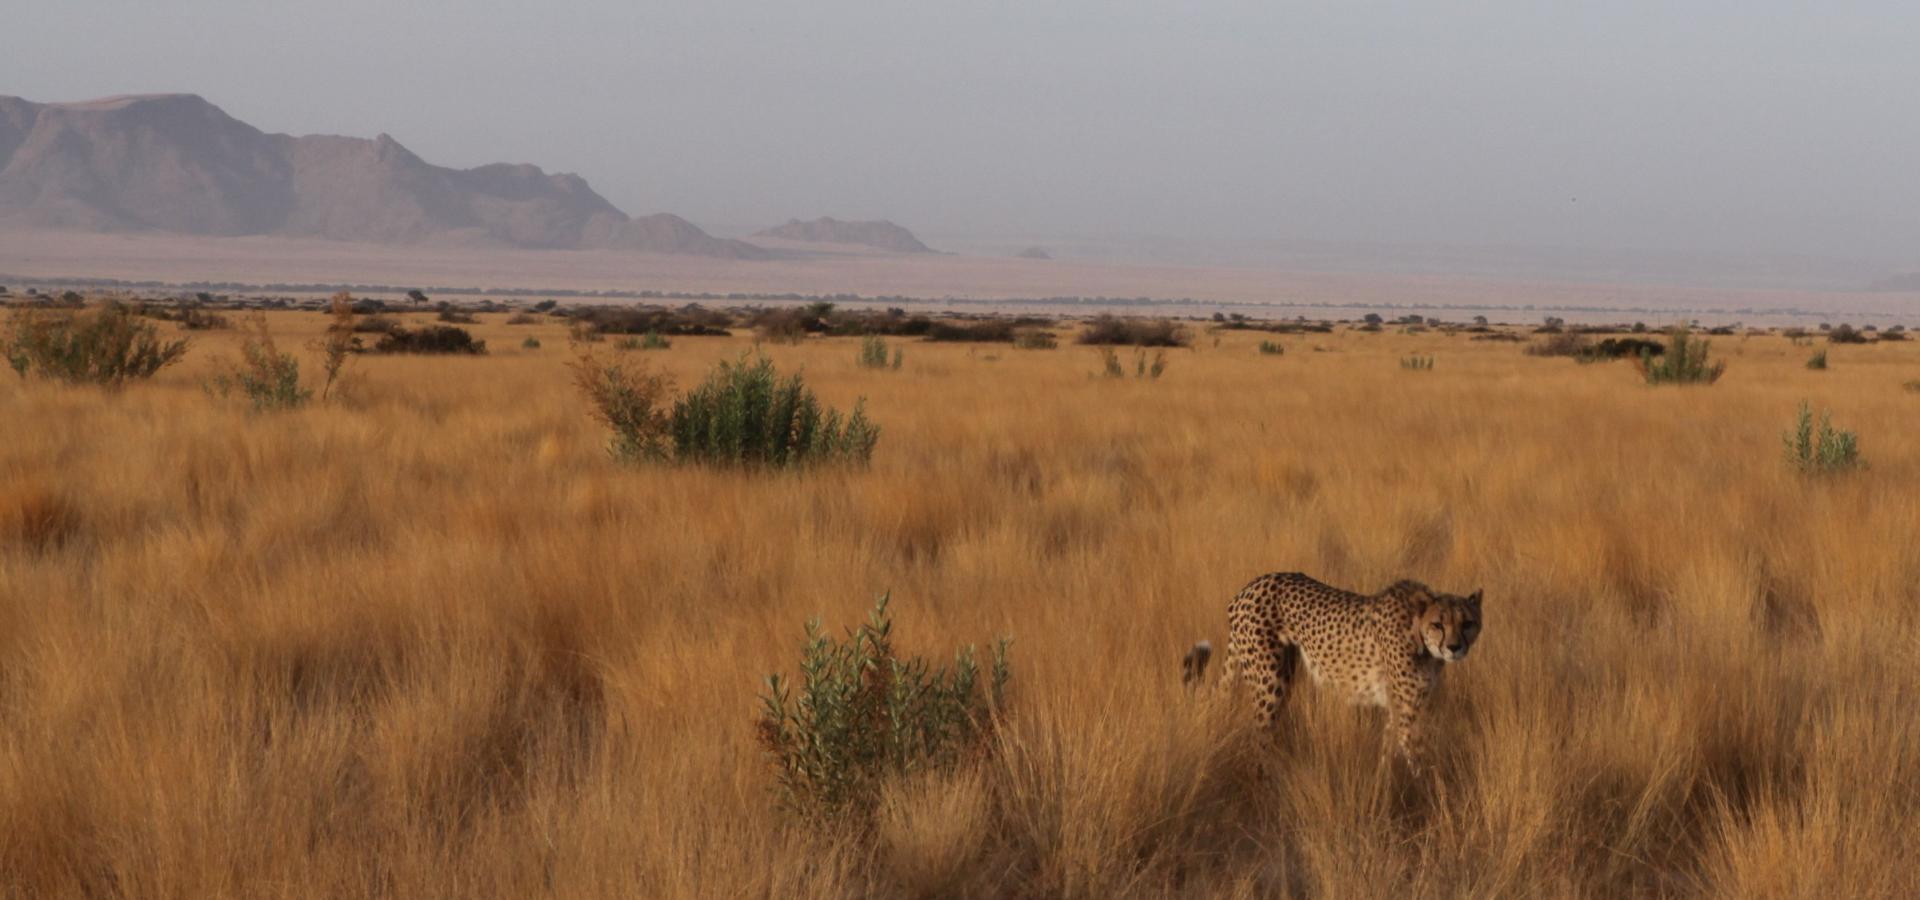 Mit etwas Glück können Sie einen der seltenen Geparden im Etoscha National Park in Namibia erspähen